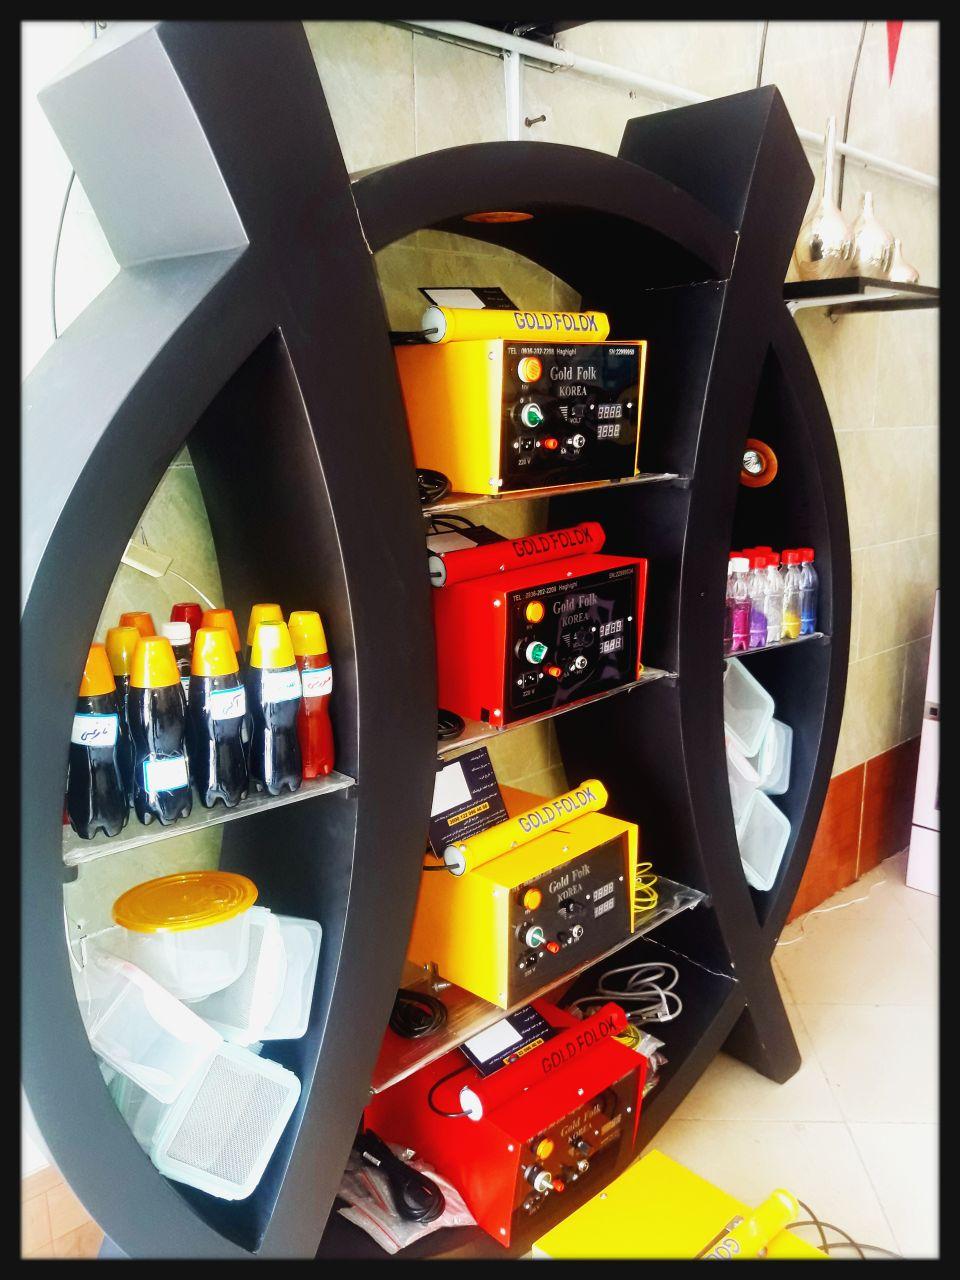 دستگاه مخمل پاش/آبکاری حرارتی وپاششی فانتاکروم/فرمول لاک گلدفلوک بهمراه متریال 09301313308